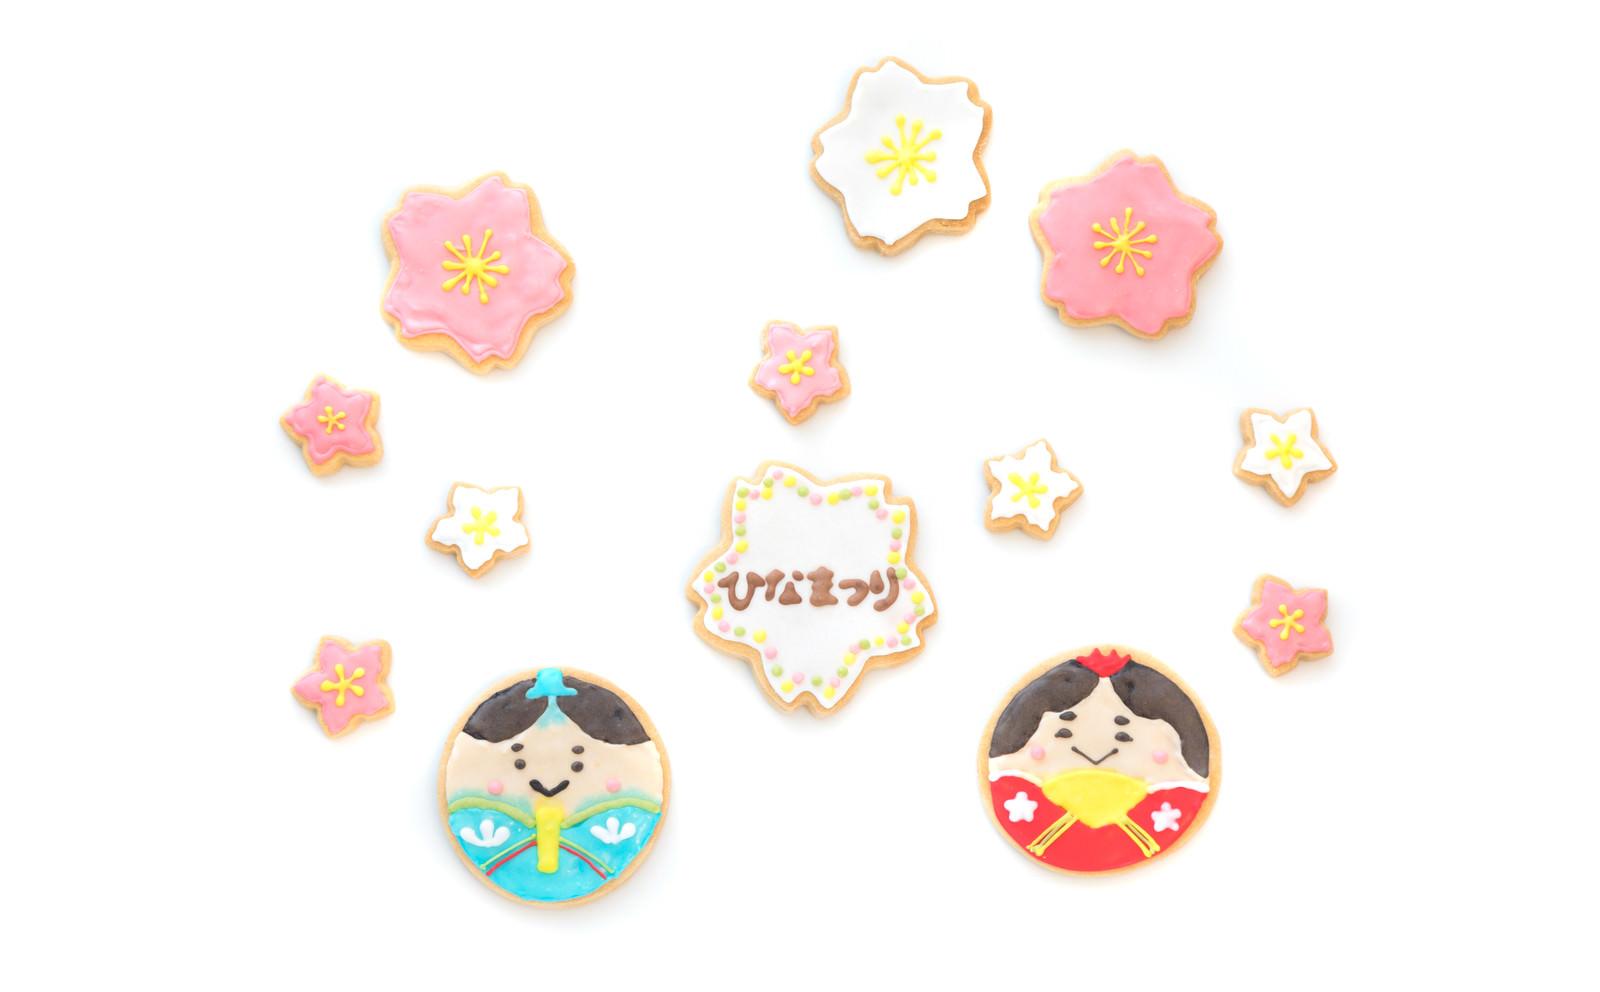 「梅の花に囲まれた男雛と女雛(クッキー)」の写真